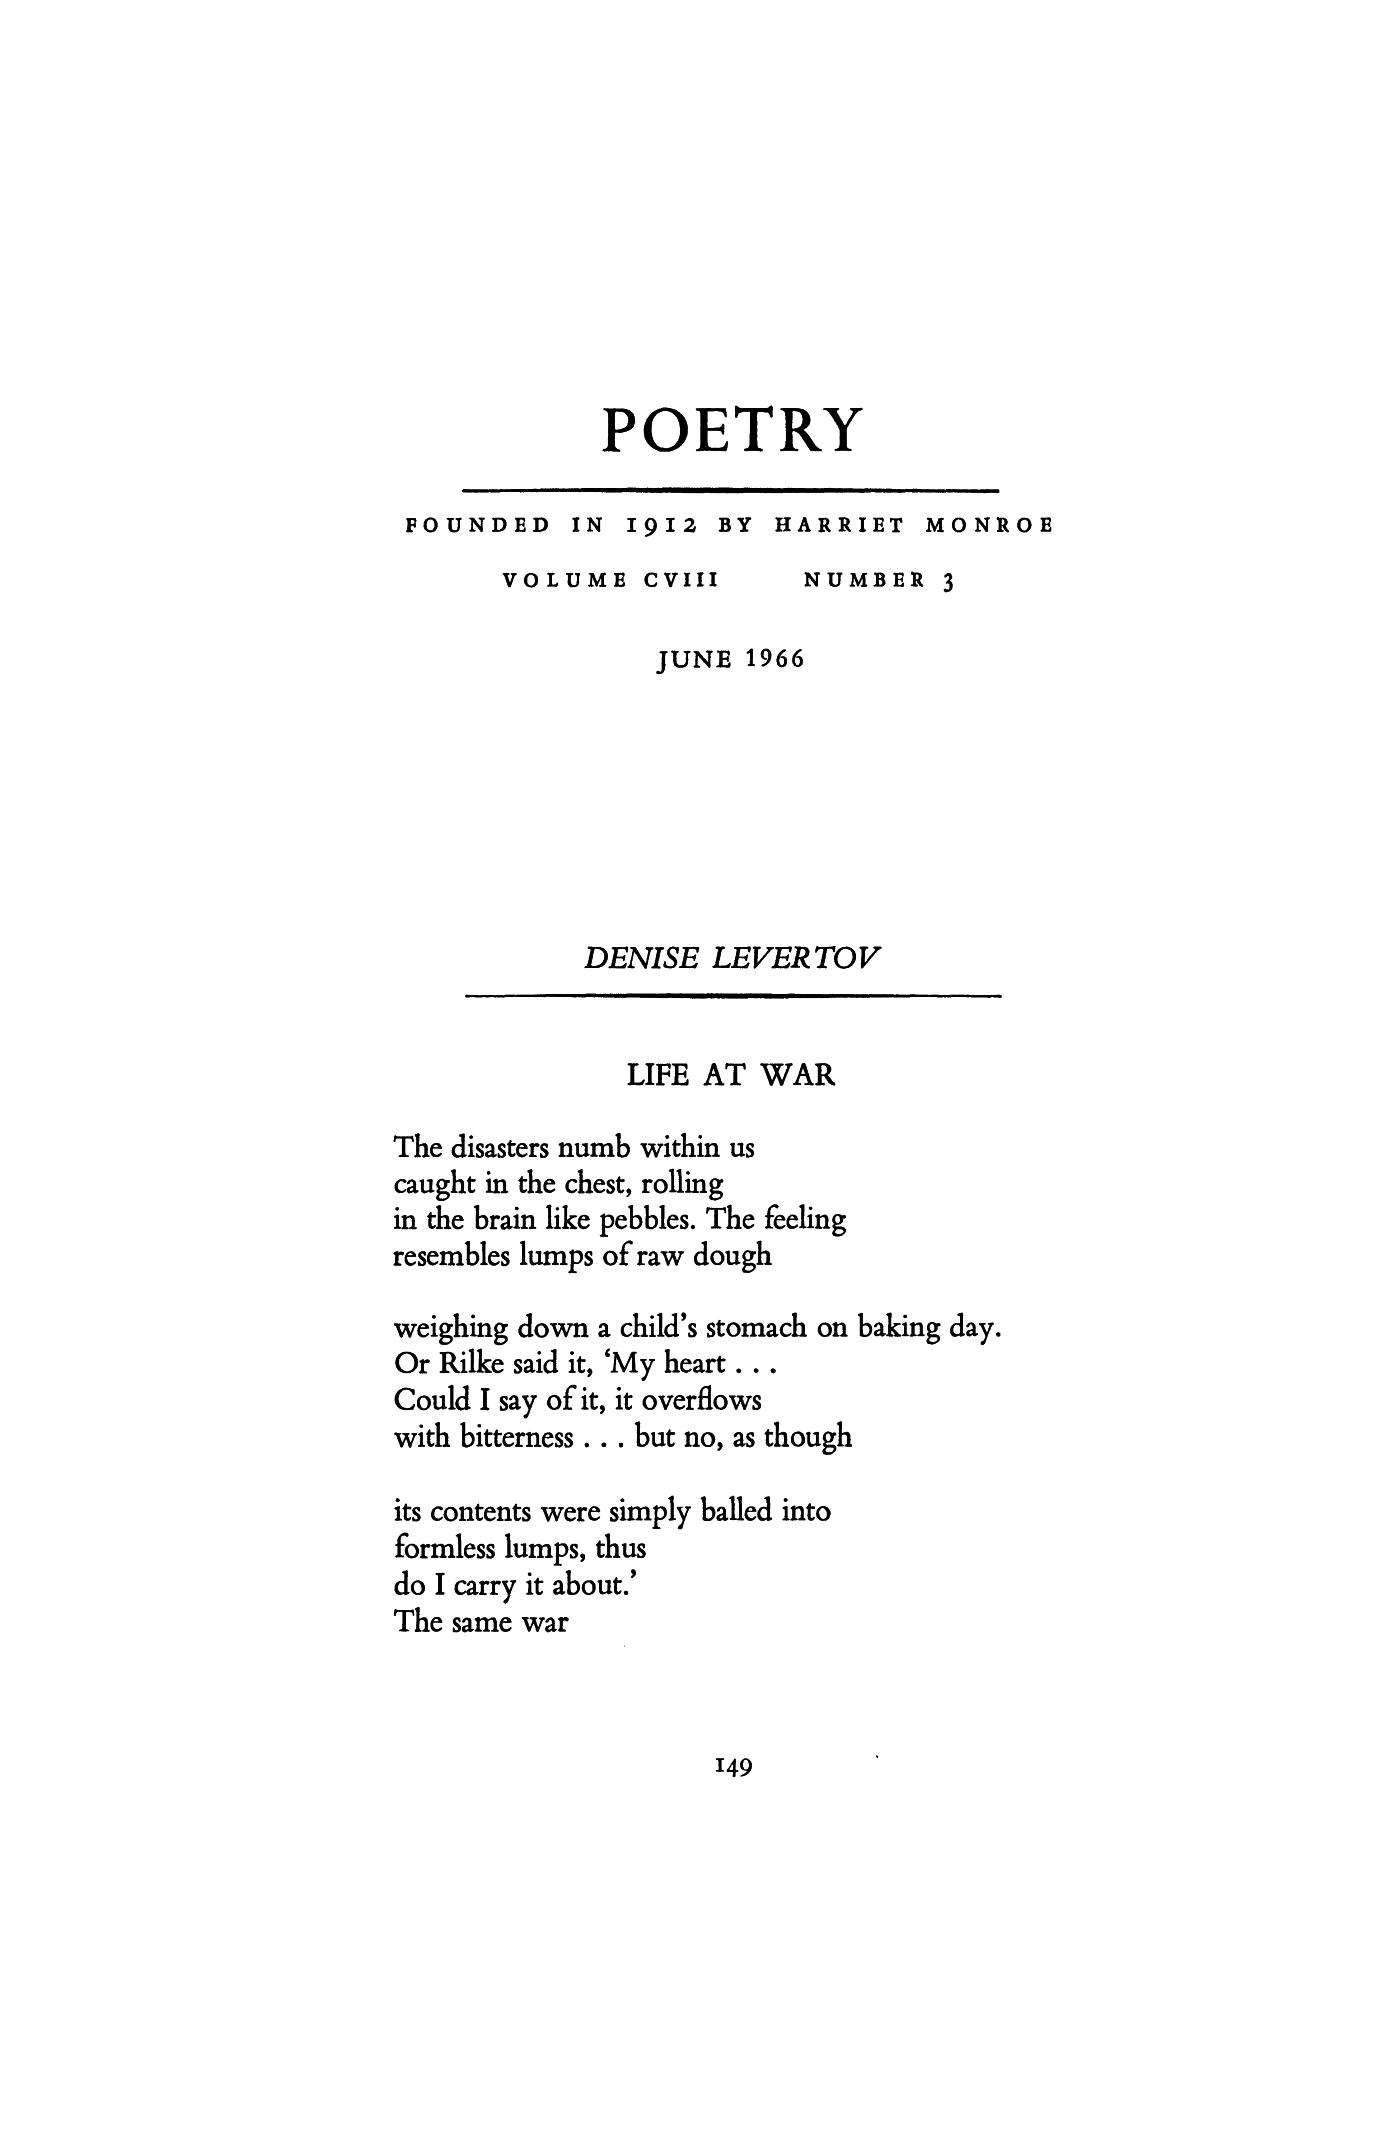 59 war poems